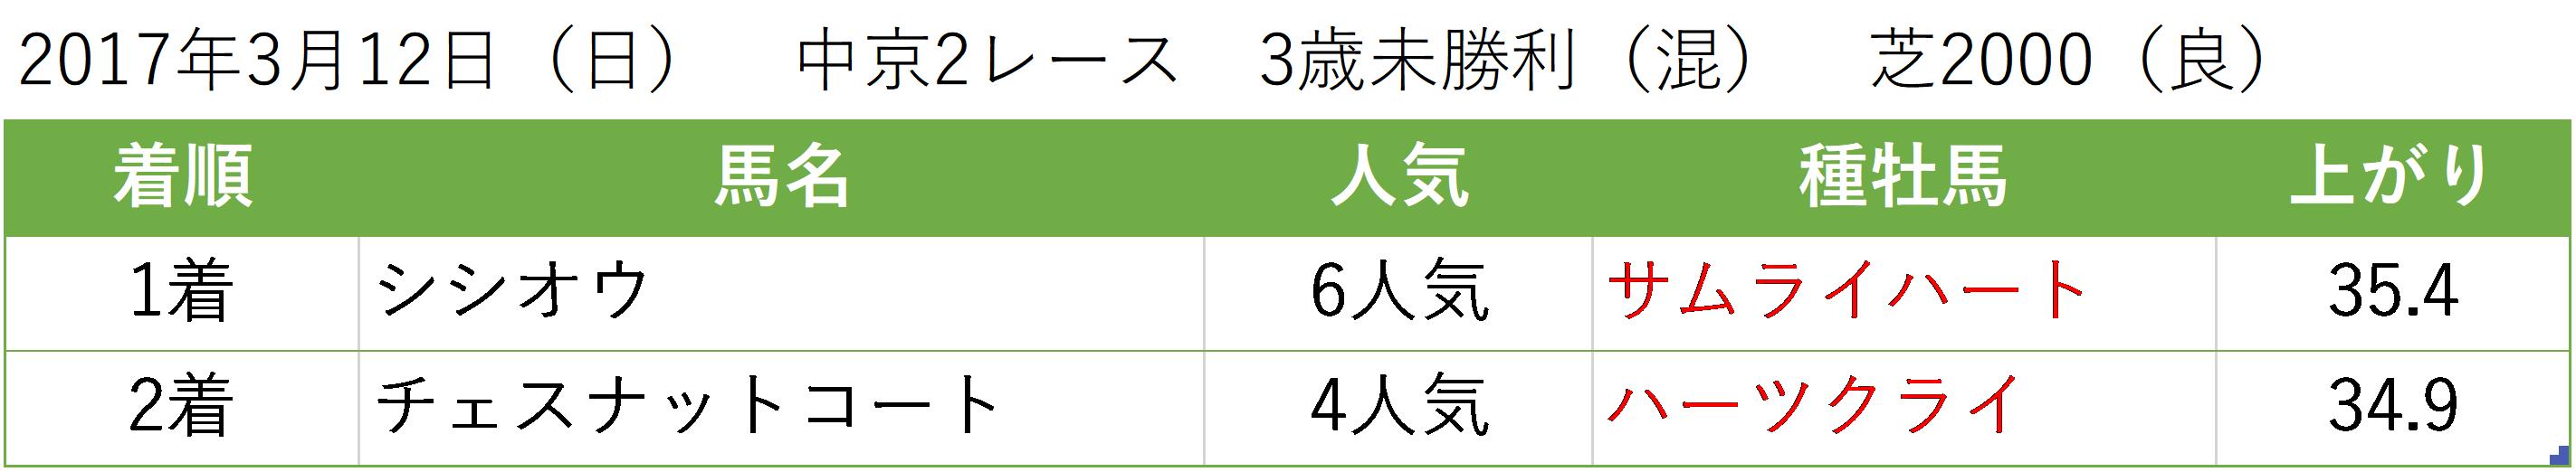 20170318_中京芝ハーツクライ馬場